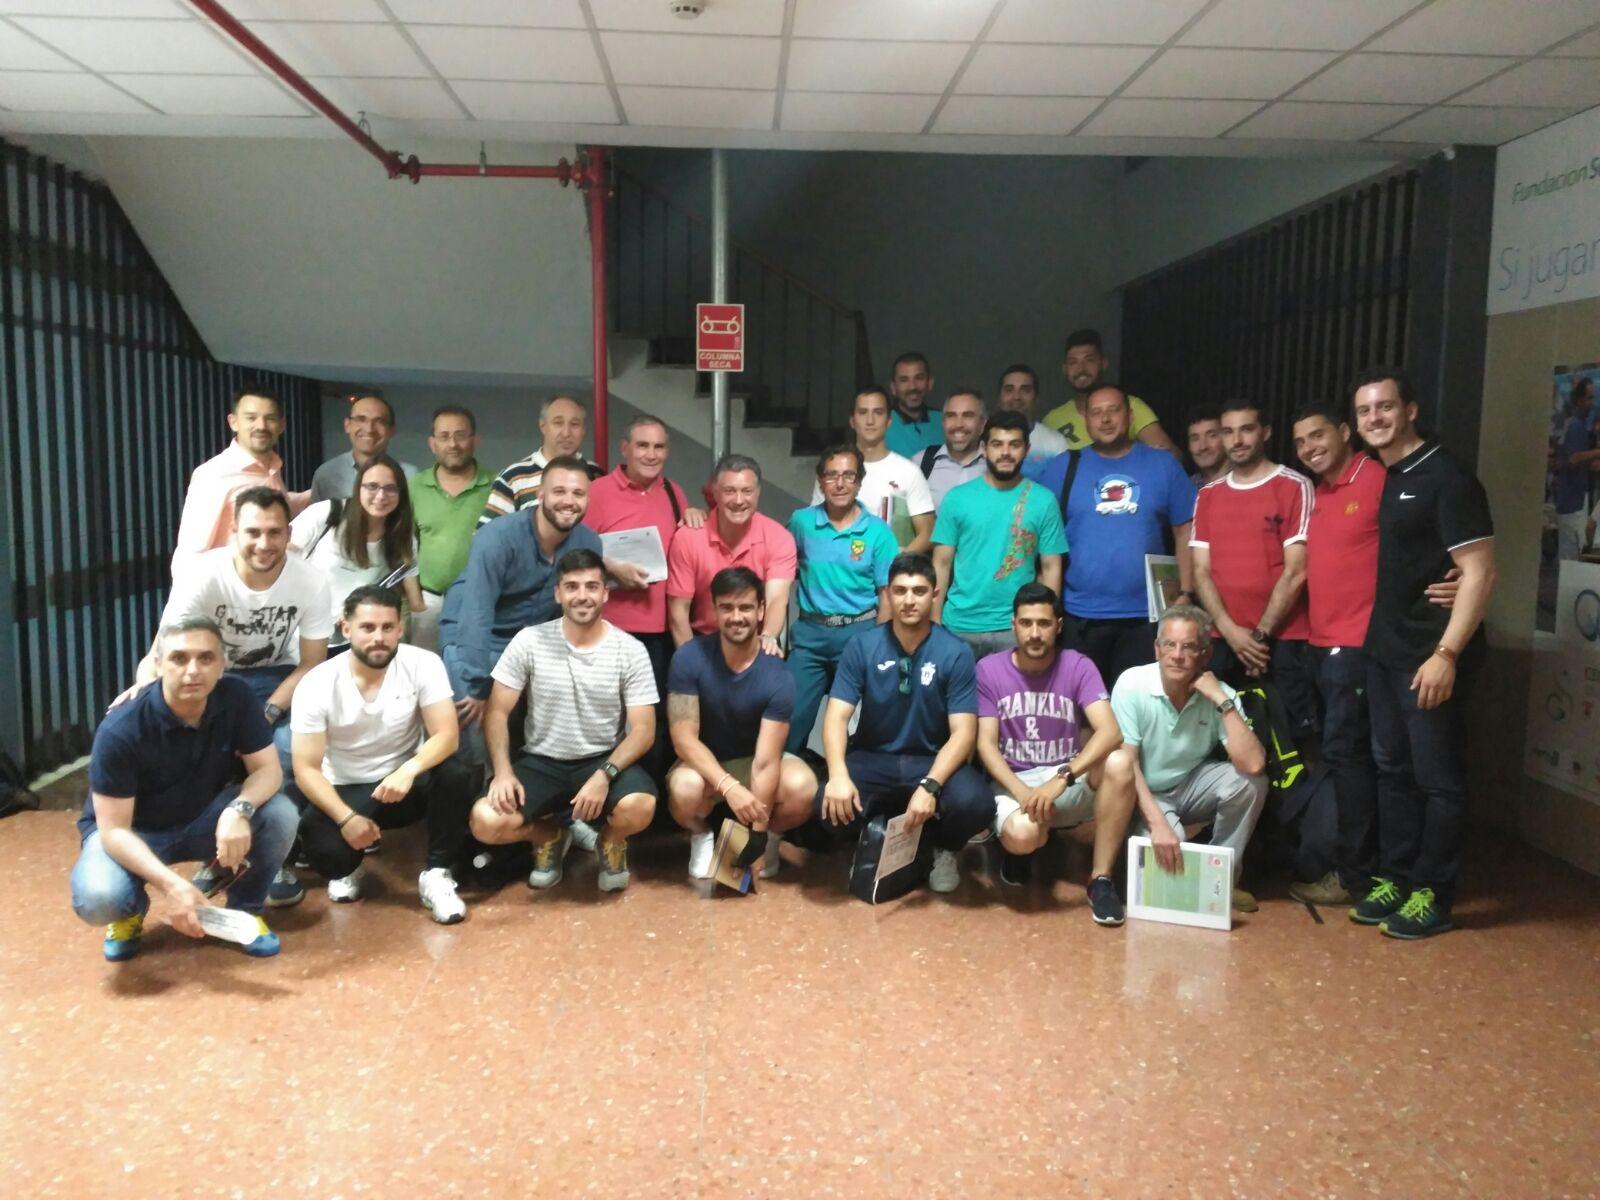 TecnificaciónTáctica @TacticaDeFutbol 8 jun. Gran final para el Curso Básico de Análisis del Juego en Fútbol. Gracias a todos los alumnos y al equipo de trabajo.